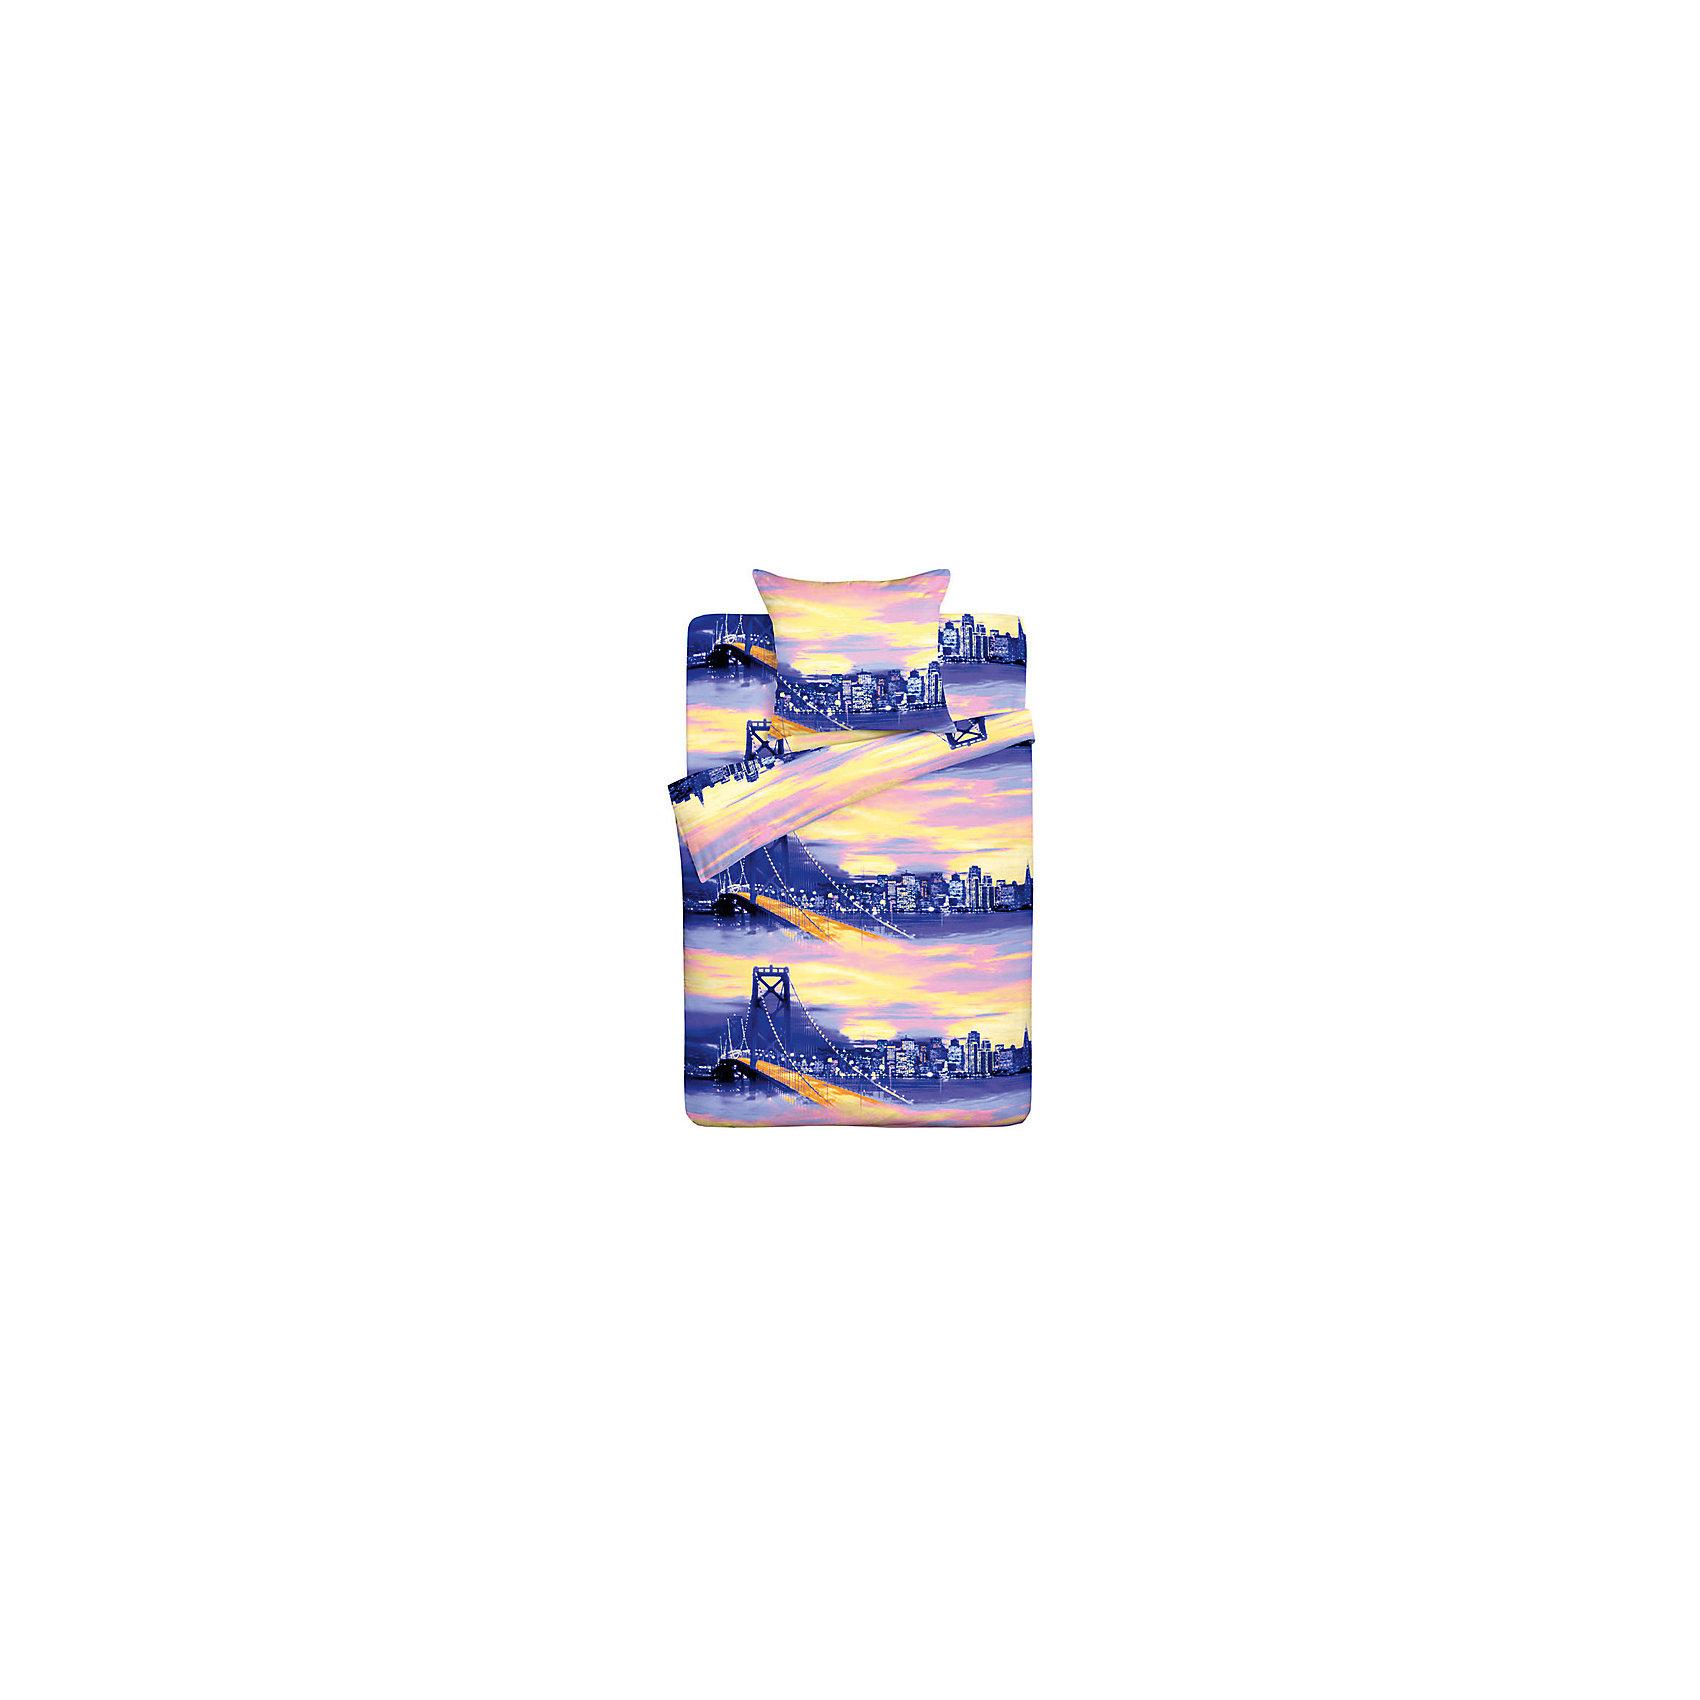 Постельное белье Индиго, (50х70), LettoПостельное белье Индиго, (50х70), Letto - это качественное постельное белье из традиционной российской бязи.<br>Яркий комплект постельного белья «Индиго» создаст ощущение комфорта и уюта в спальне. Комплект изготовлен из бязи плотного плетения (100% хлопок). Эта традиционная натуральная ткань отличается экологичностью и практичностью, хорошо пропускает воздух и позволяет коже дышать. Благодаря устойчивым качественным красителям белье сохраняют свою яркость и насыщенность оттенков даже после частых стирок. Удобный пододеяльник на молнии сделает смену постельного белья быстрой и несложной. Рекомендуется перед первым использованием постирать, но не пересушивать. Применение кондиционера при стирке сделает такое постельное белье мягче и комфортней.<br><br>Дополнительная информация:<br><br>- 1,5 спальное<br>- В комплекте: пододеяльник 148х210см, простыня 150х210 см, наволочка 1 шт. 50х70 см.<br>- Материал: бязь (100% хлопок)<br>- Пододеяльник на молнии<br>- Обращаем внимание, что расцветка наволочек может отличаться от представленной на фото<br><br>Постельное белье Индиго, (50х70), Letto можно купить в нашем интернет-магазине.<br><br>Ширина мм: 390<br>Глубина мм: 280<br>Высота мм: 40<br>Вес г: 1200<br>Возраст от месяцев: 36<br>Возраст до месяцев: 144<br>Пол: Унисекс<br>Возраст: Детский<br>SKU: 4947793